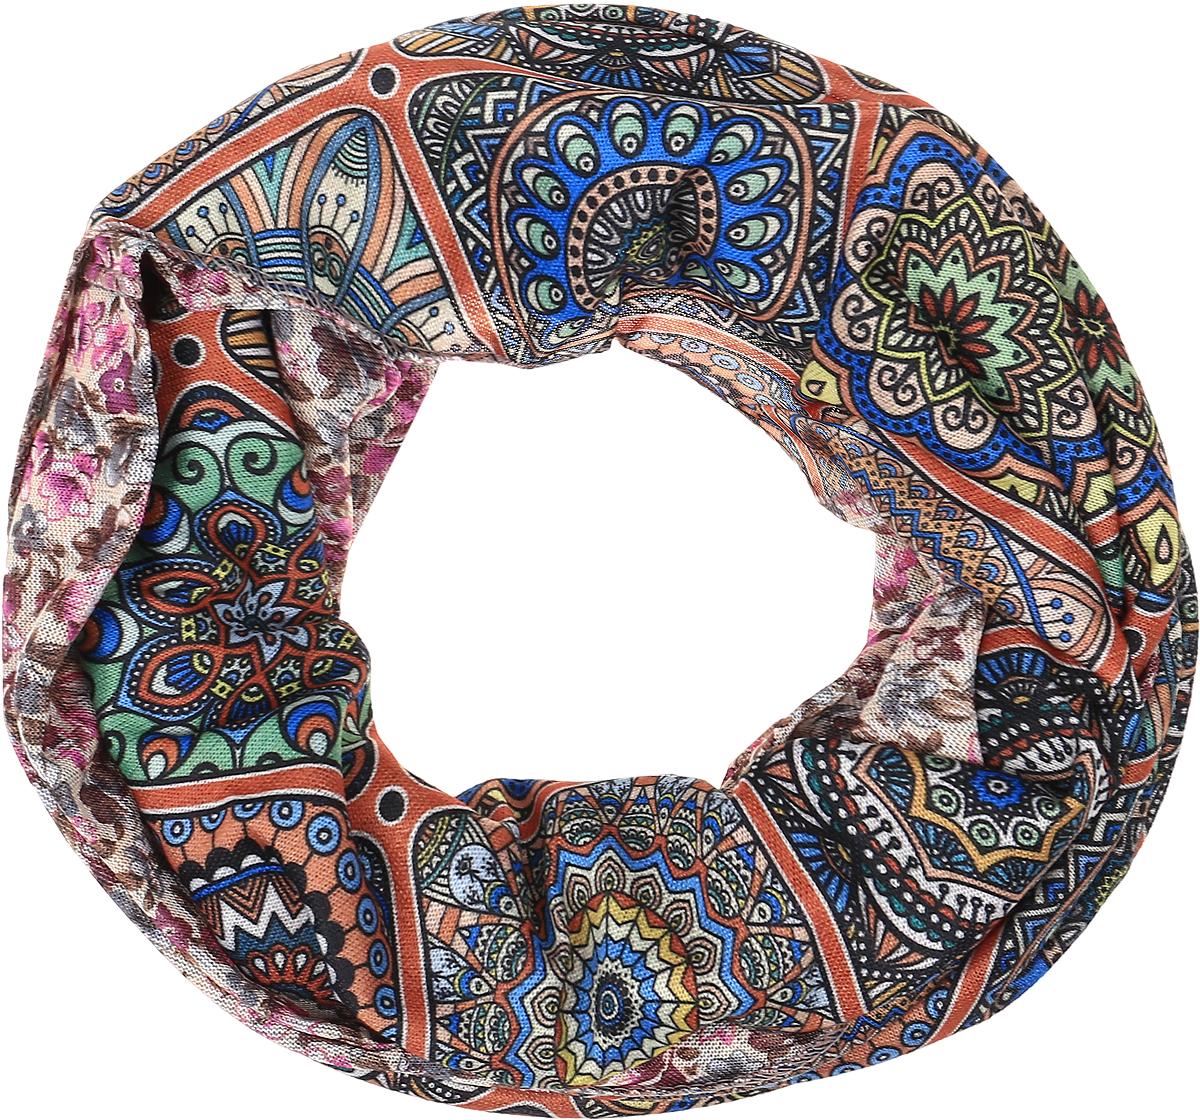 Снуд-хомутRo01R2359-A4059-1Легкий снуд-хомут от Vita Pelle выполнен из двустороннего трикотажного полотна и оформлен узорным принтом. Кромка обработана оверлоком.